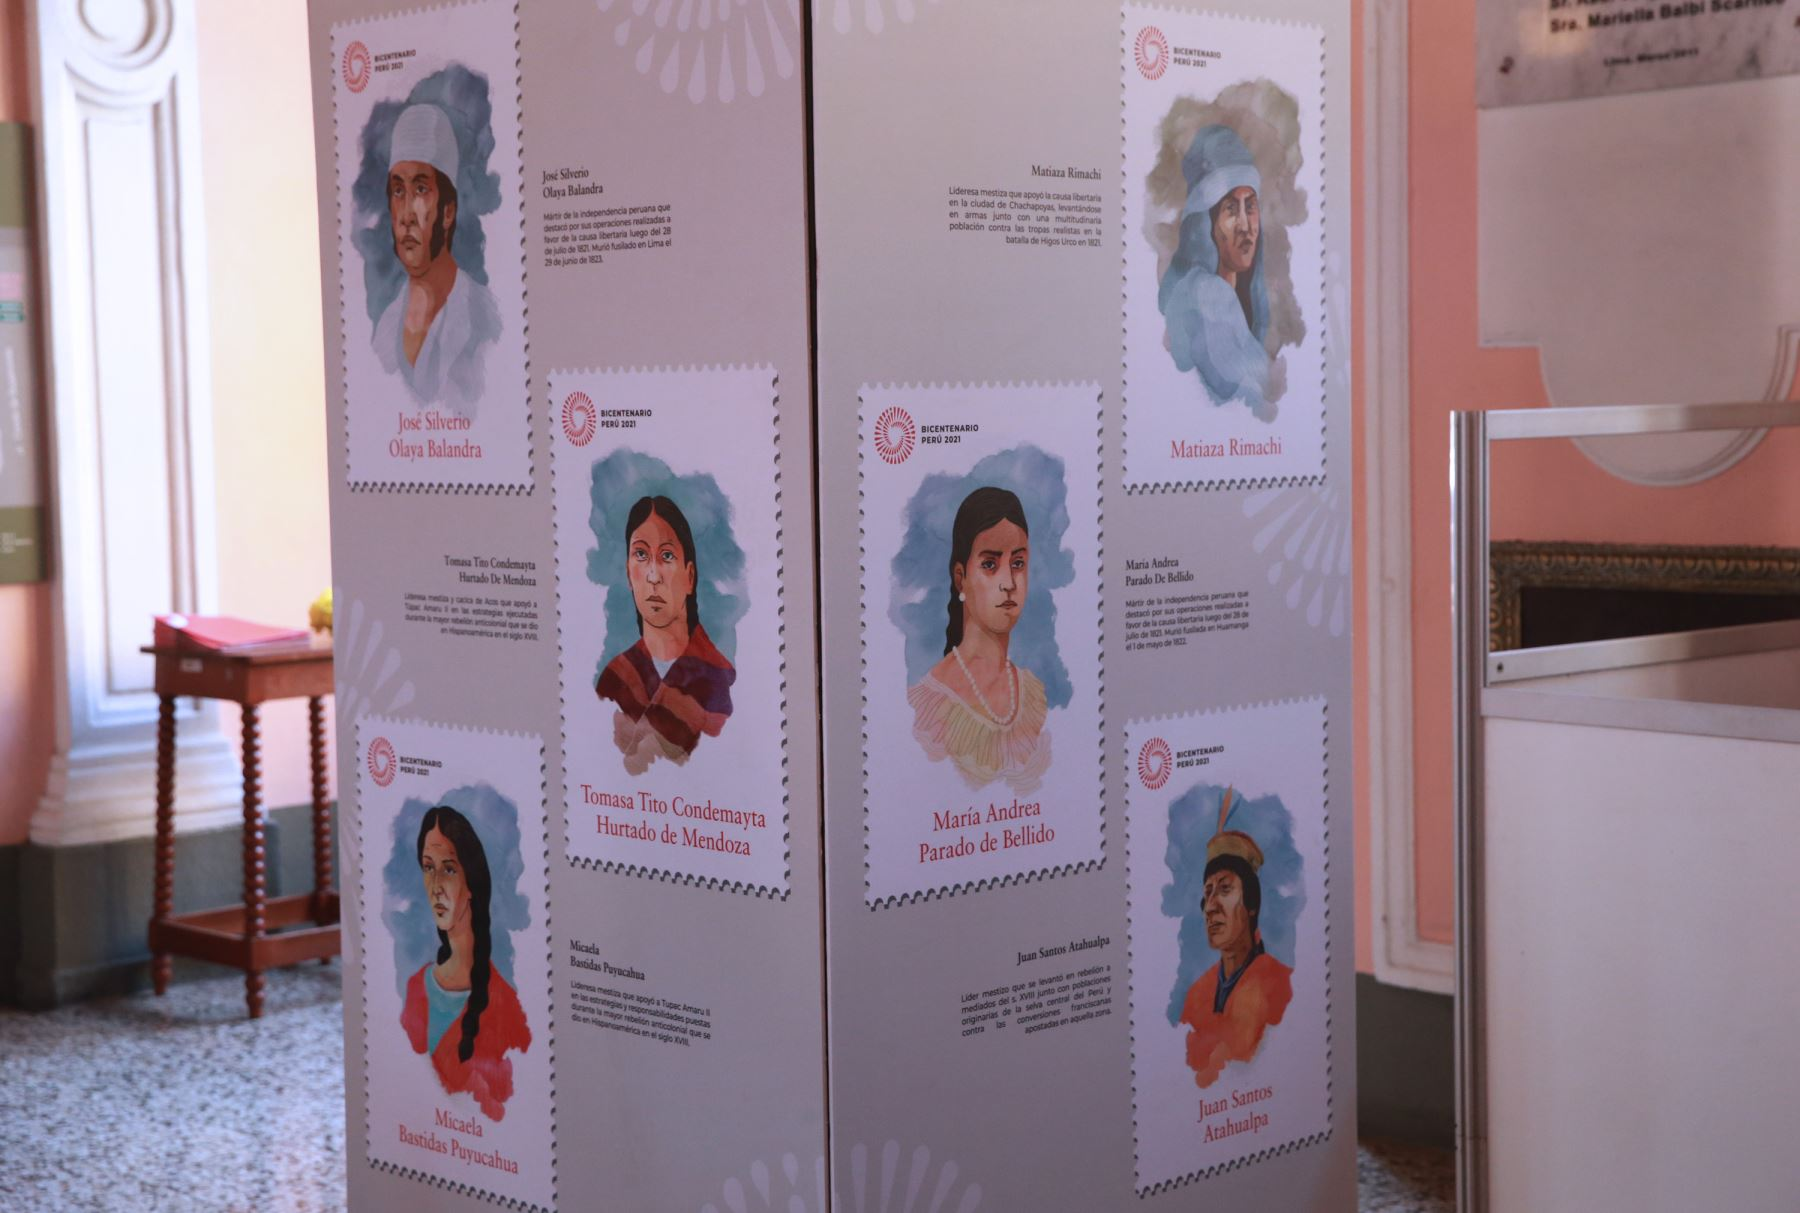 04/03/2019   Ministerio de Cultura y Serpost presentarán la colección especial de sellos y matasellos postales en homenaje a los personajes e hitos emblemáticos más destacados de la historia de nuestro paísFoto: ANDINA/Norman Córdova